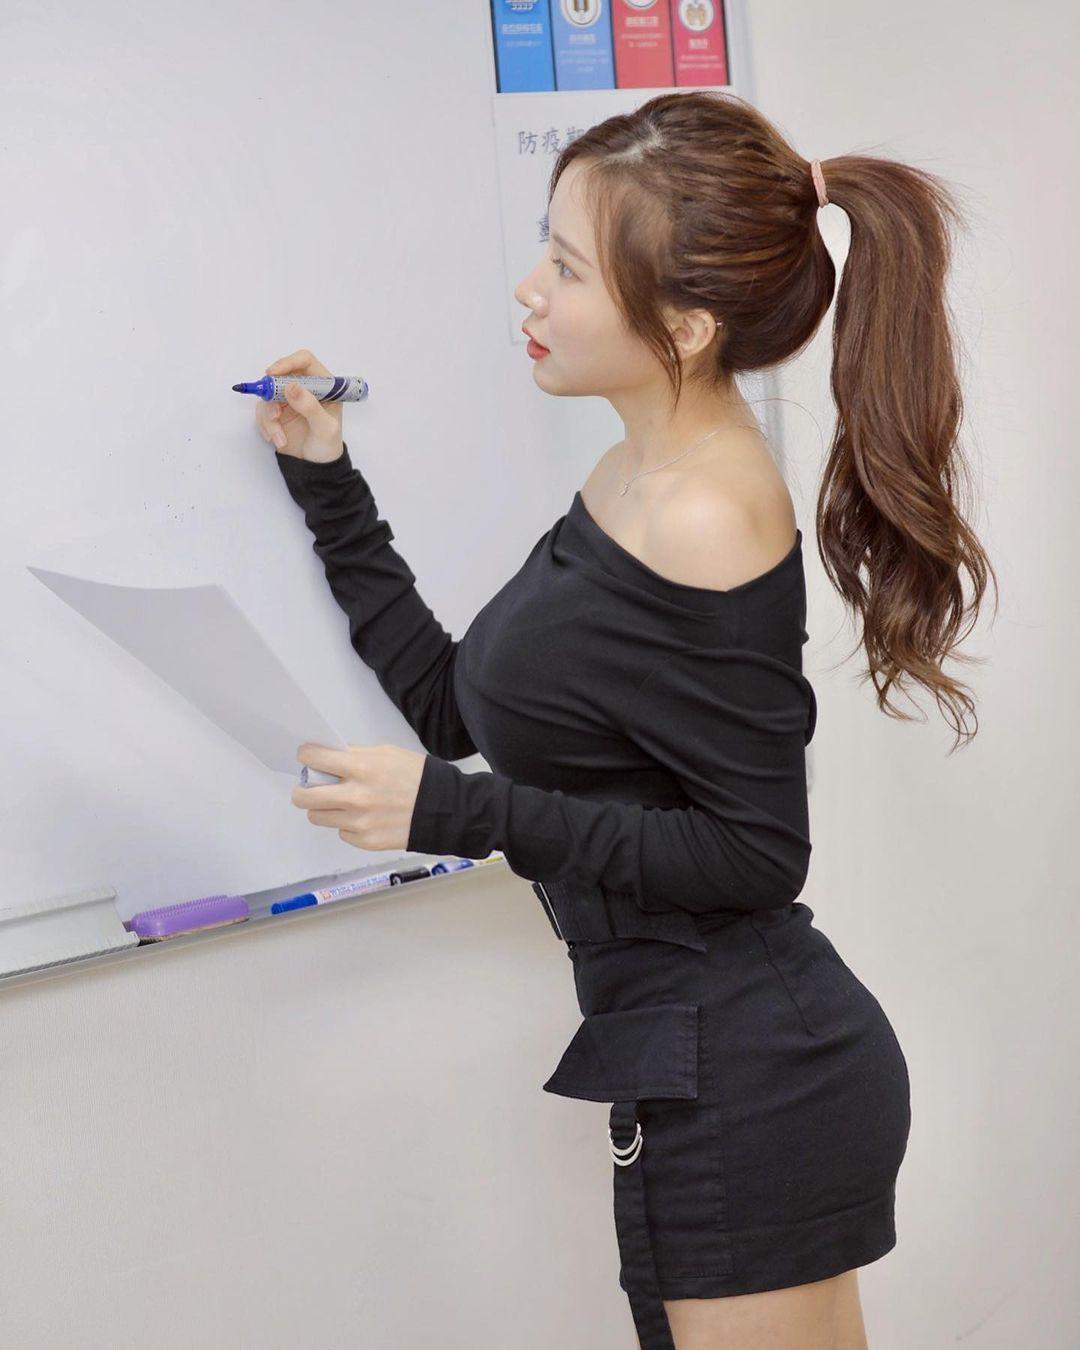 英文老师蓝星蕾身材太好穿迷你裙上课 吃瓜基地 第3张